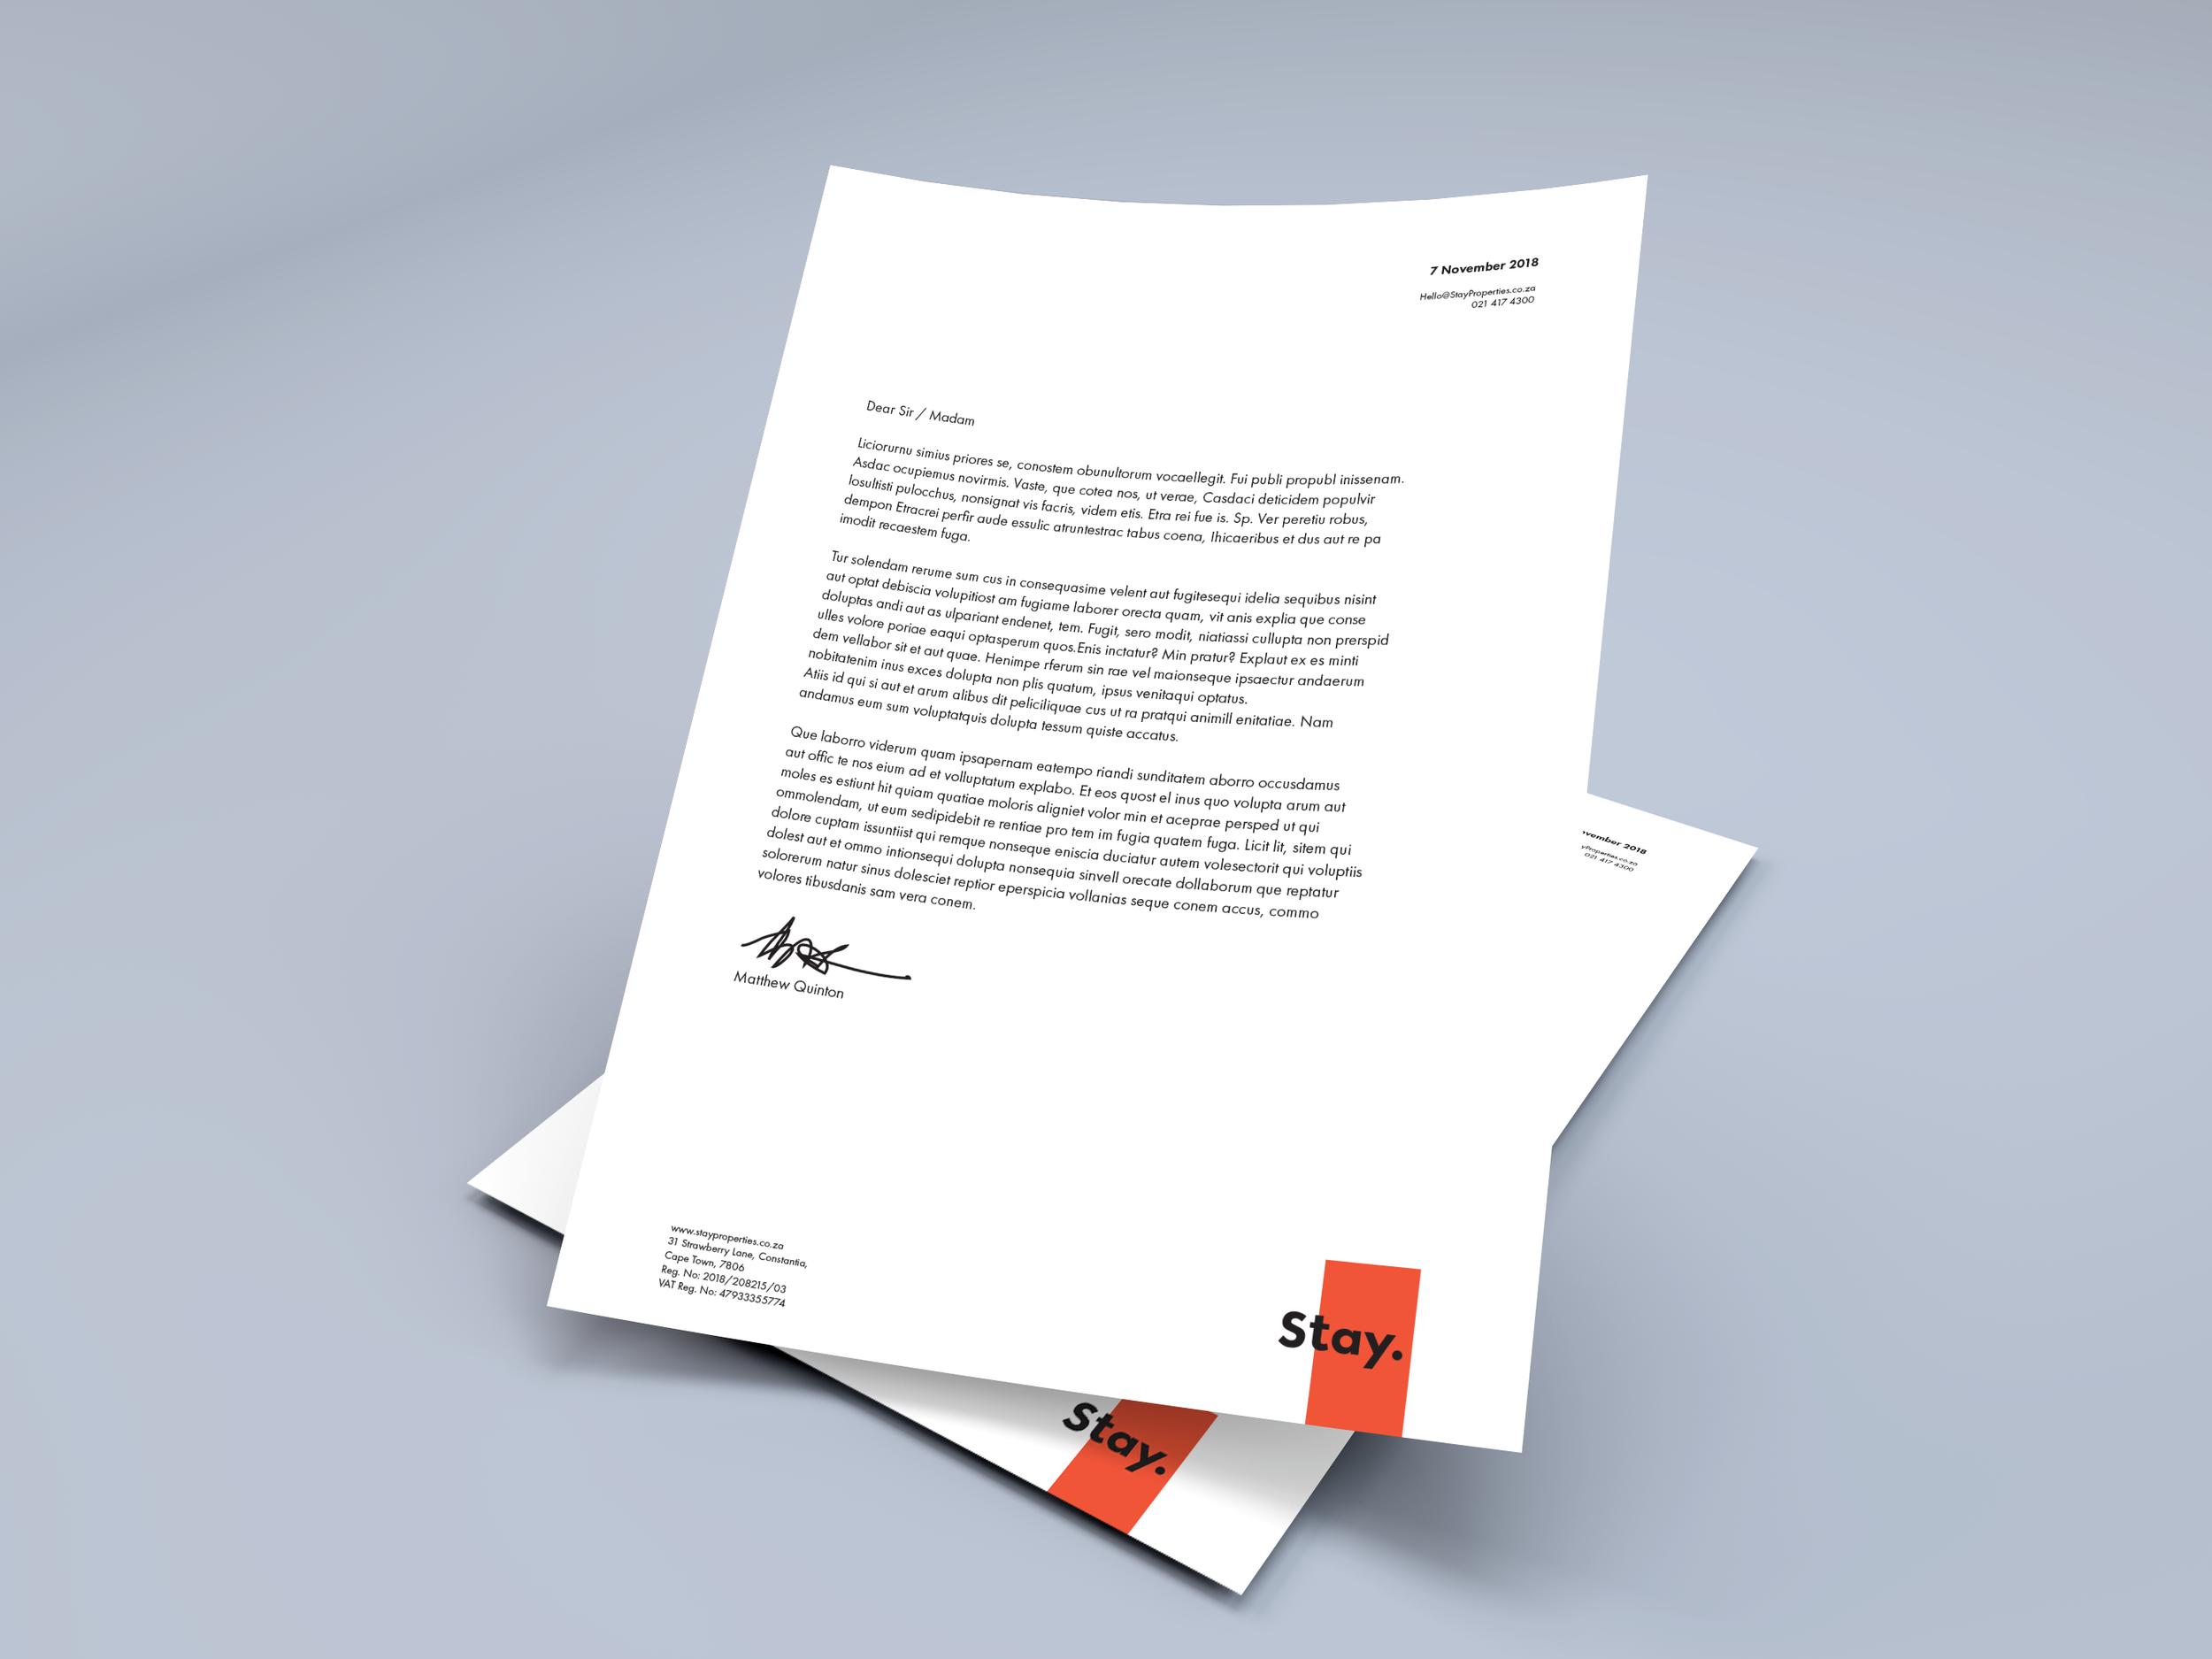 Talia-OBrien-stay-letterhead.png